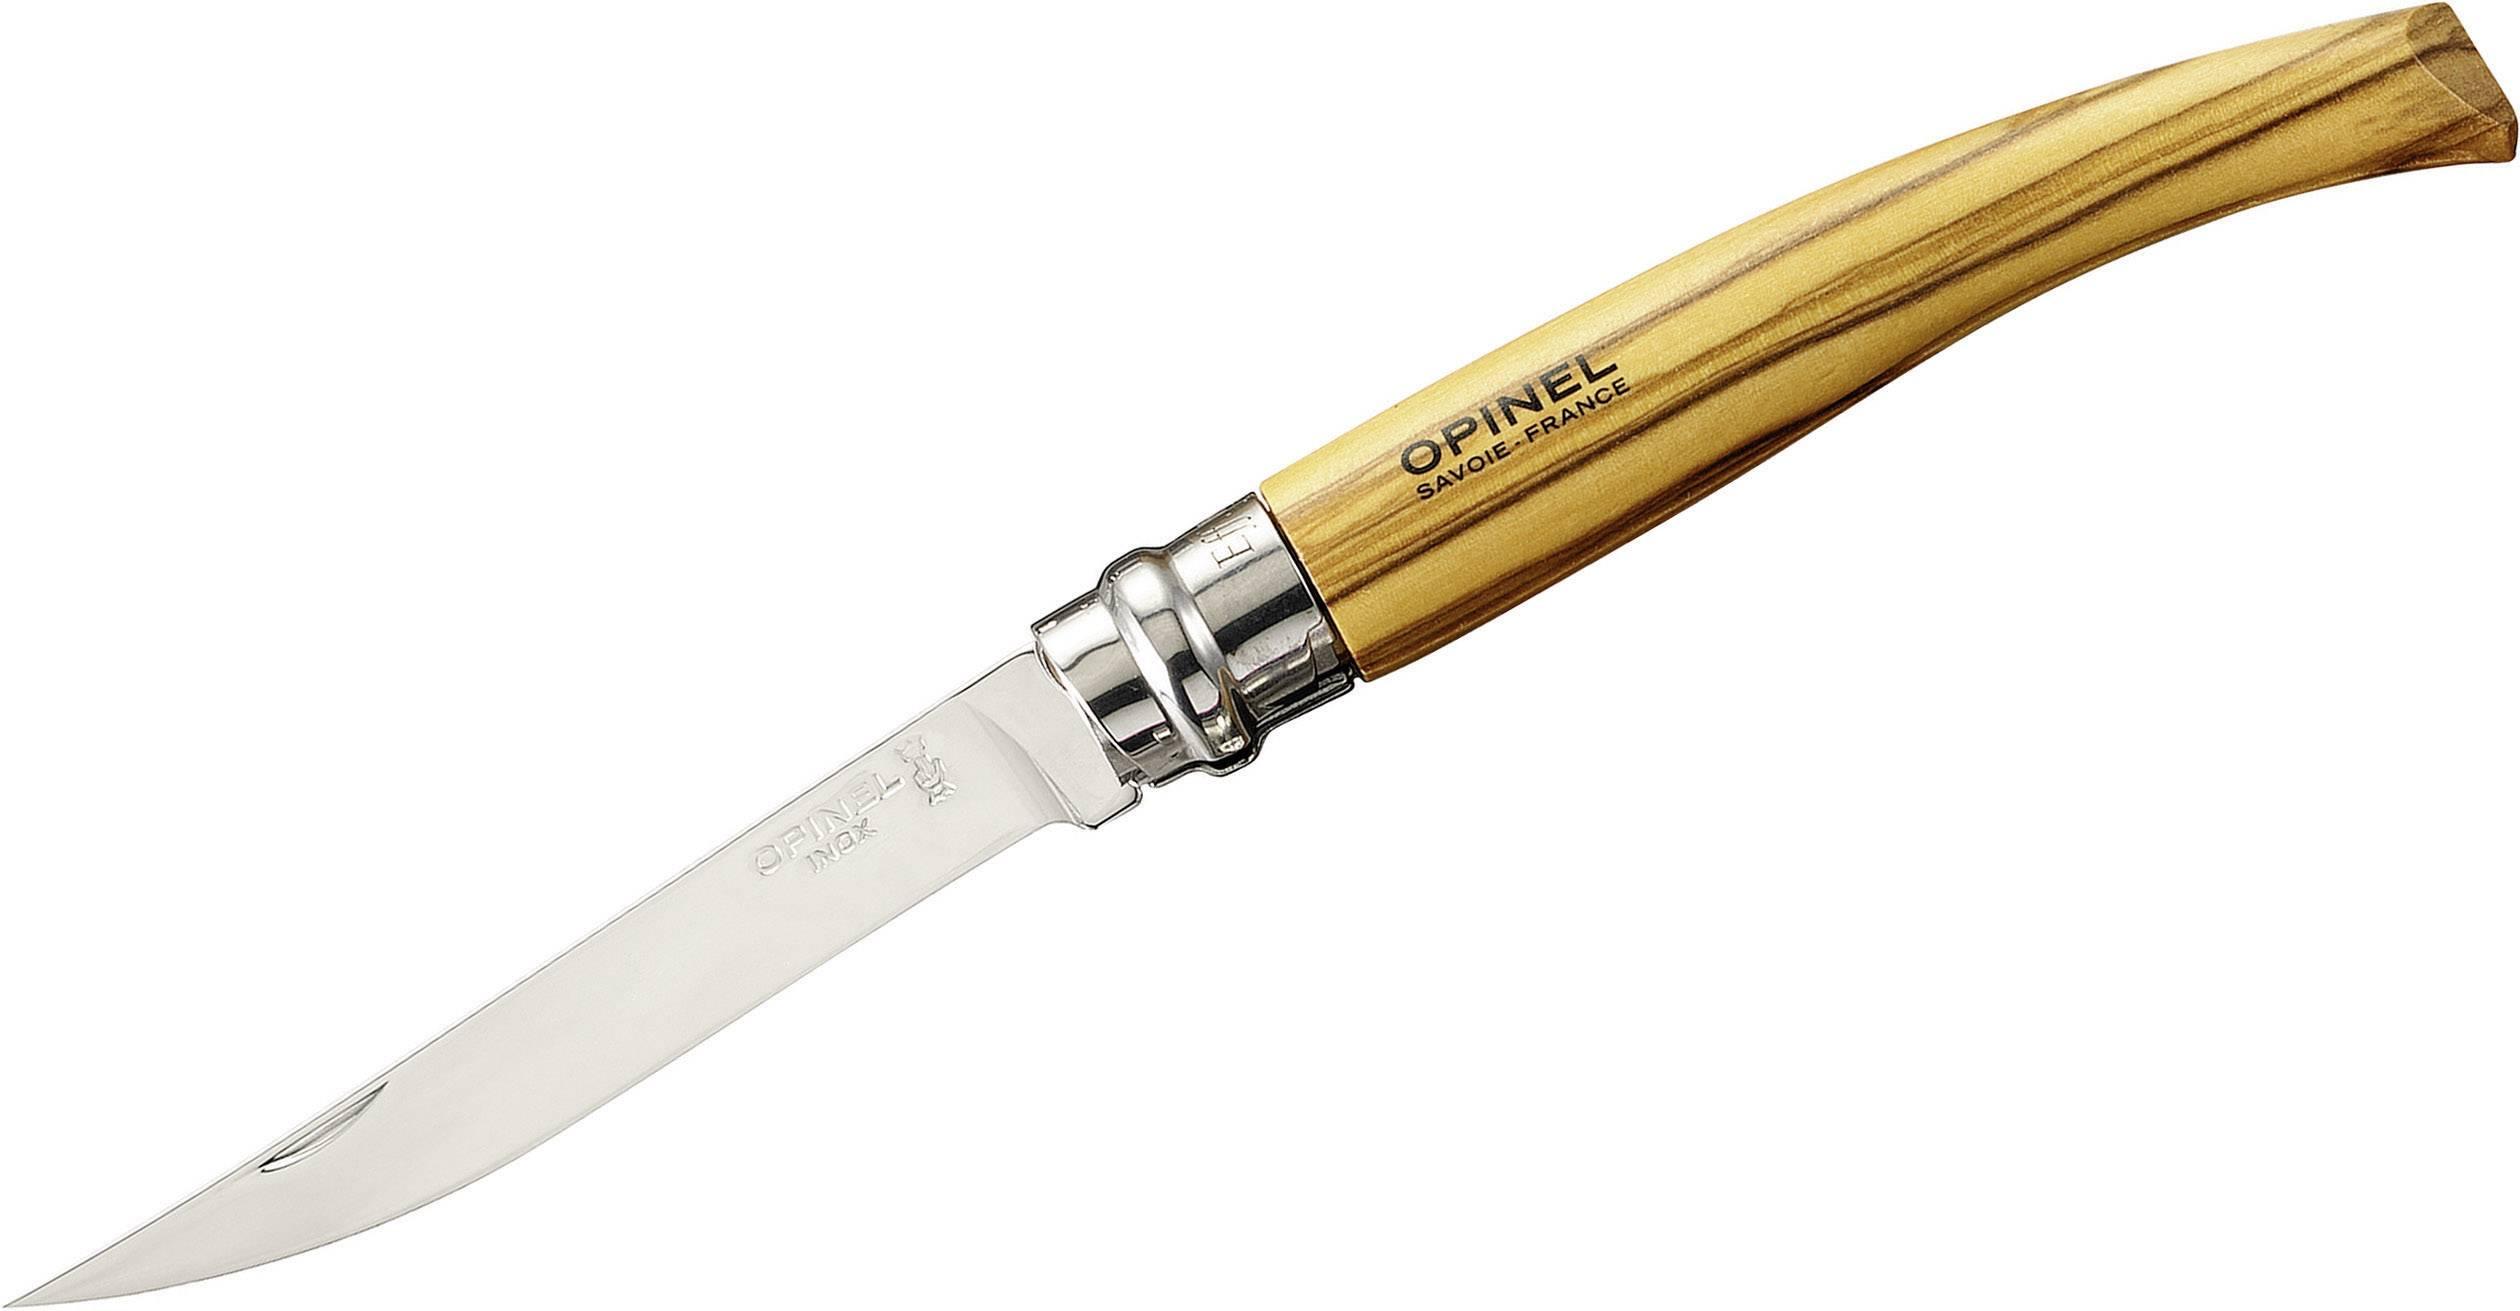 Kapesní nůž Opinel Slim-Line N°10 254095, dřevo, chrom